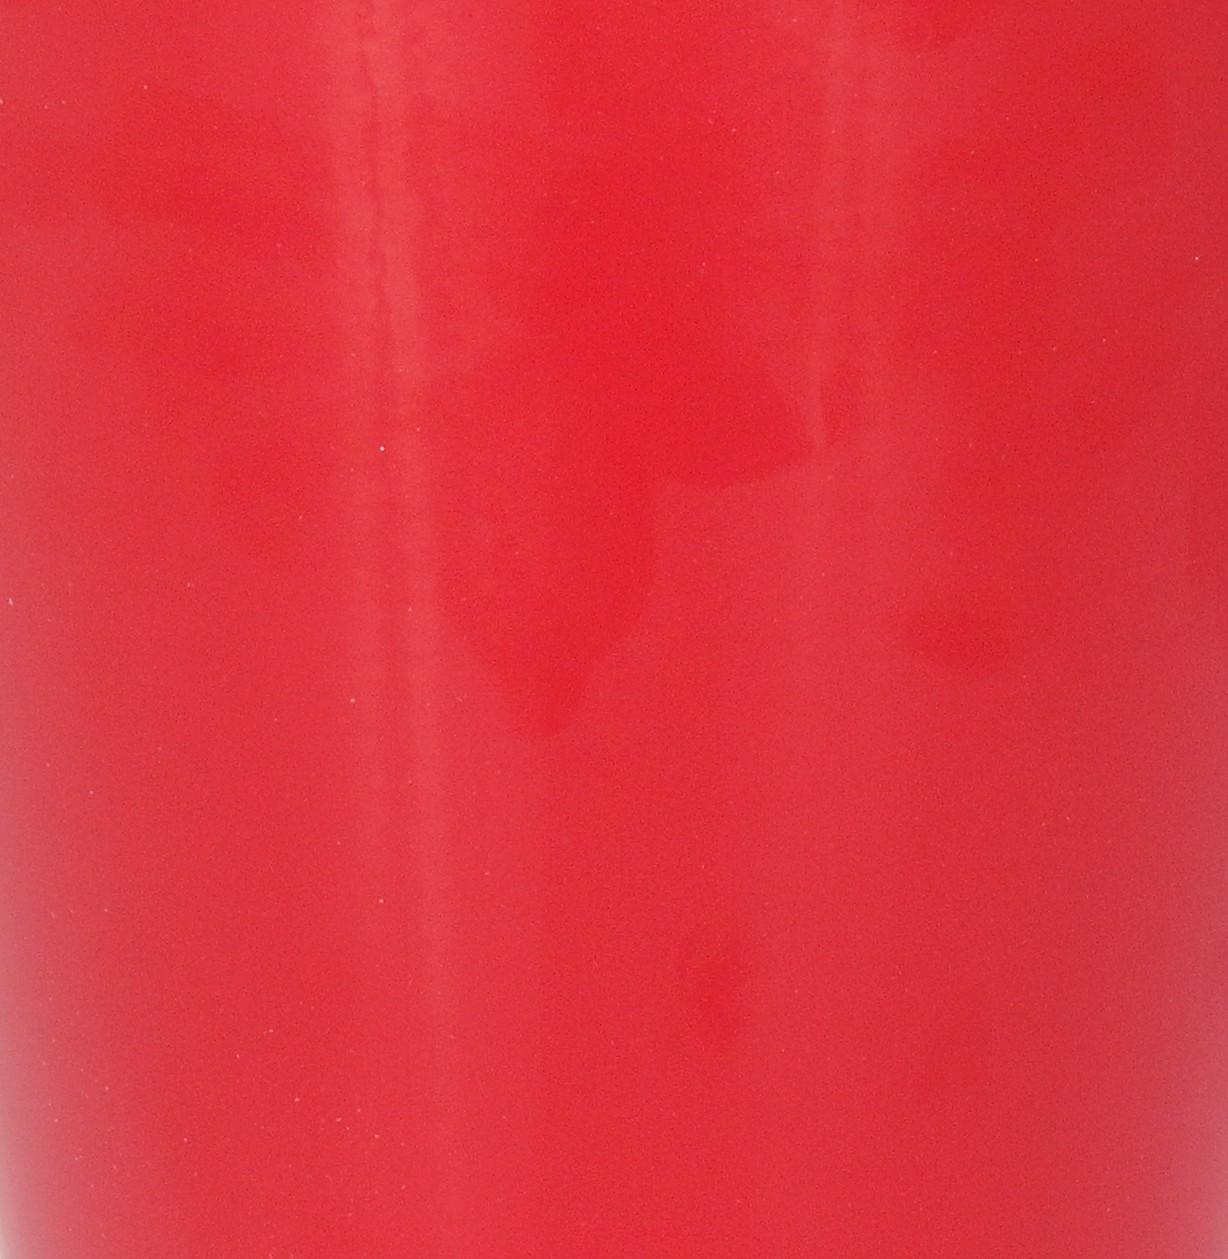 czerwień